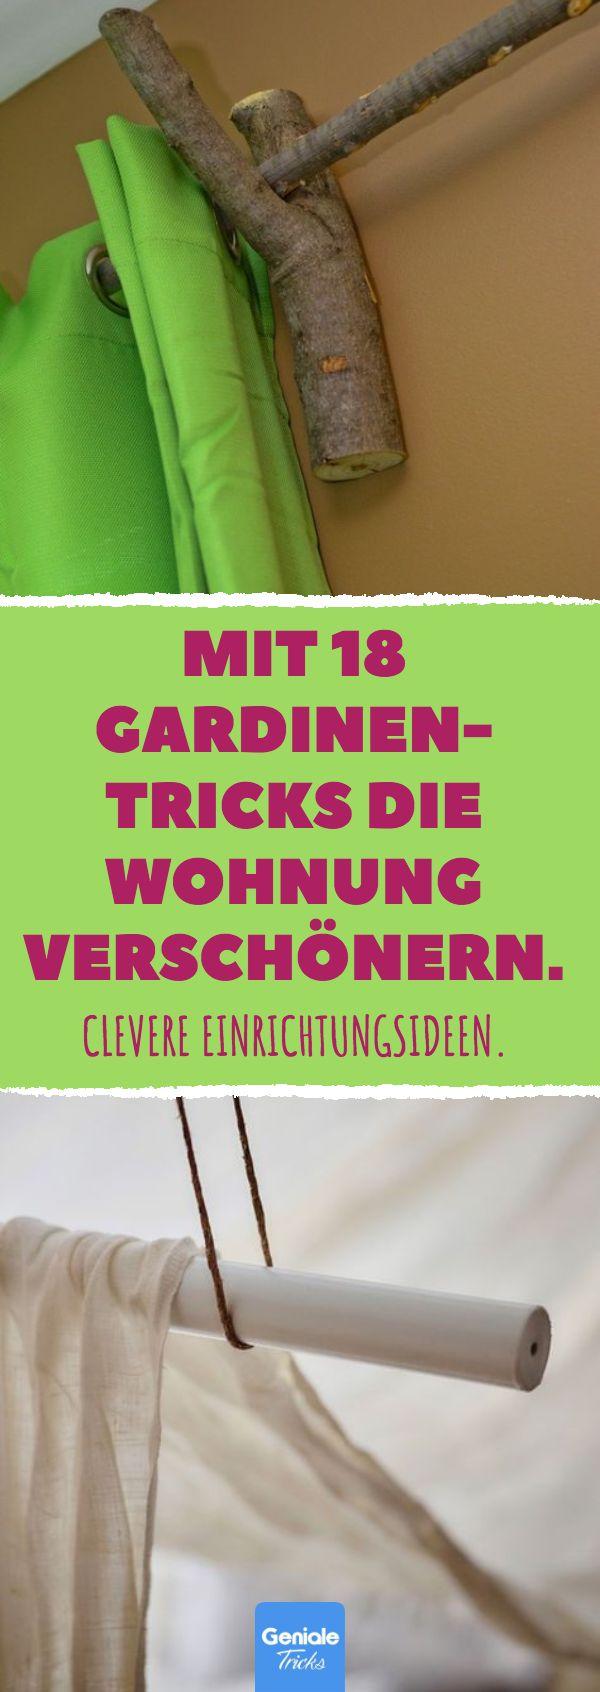 Mit 18 Gardinen-Tricks die Wohnung verschönern. 18 schöne Einrichtungsideen mit Gardinen und Gardinenstangen. #DIY #Einrichtung #Ideen #Gardinen